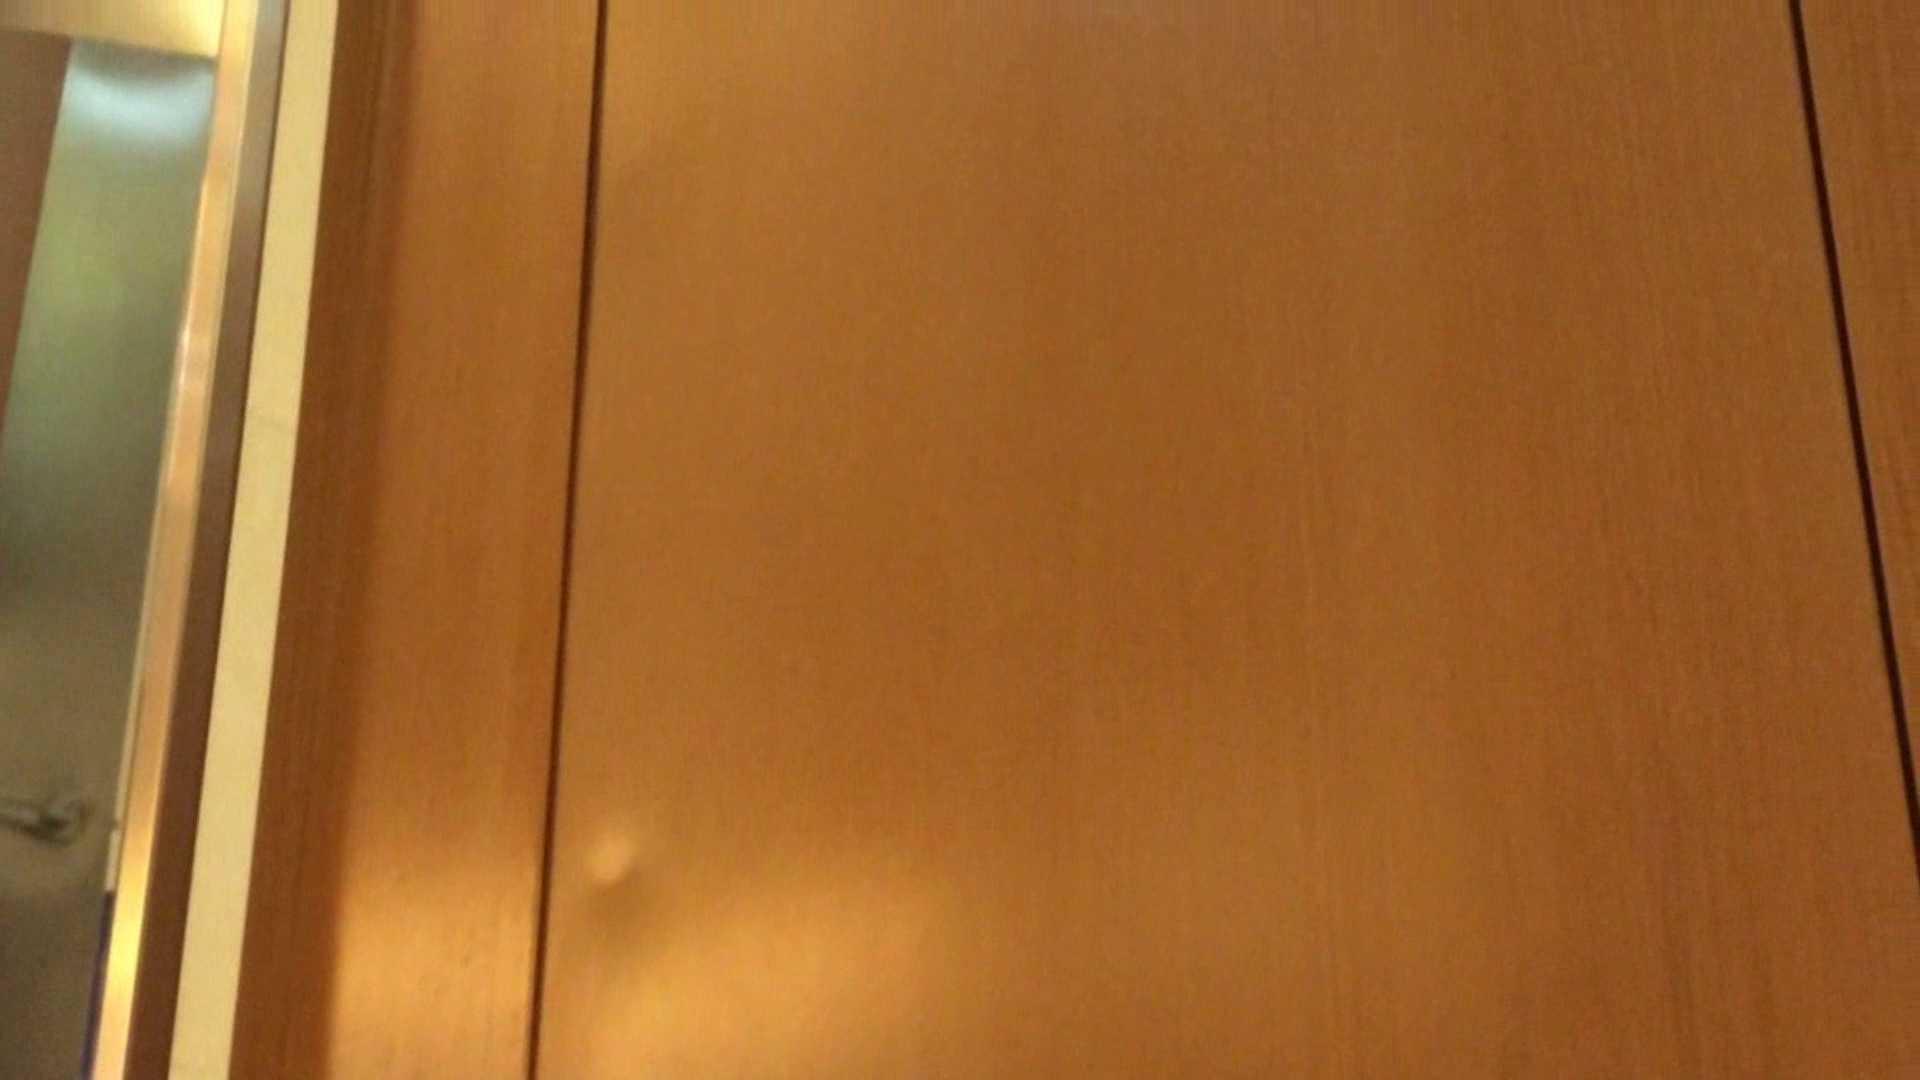 「噂」の国の厠観察日記2 Vol.05 人気シリーズ  108連発 21